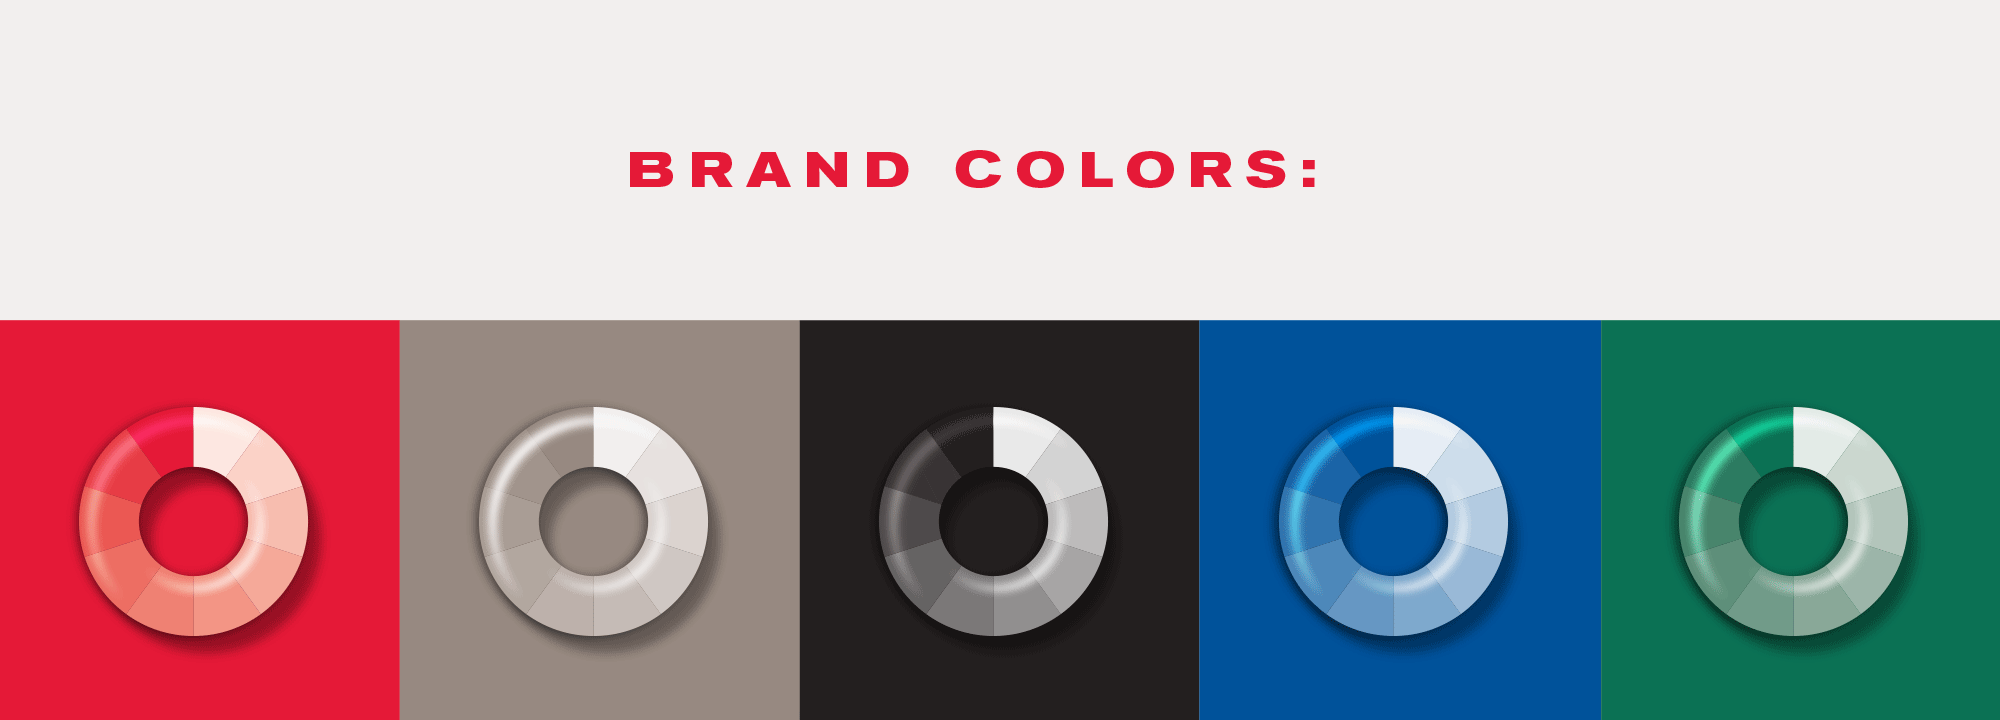 Artur brand color palette